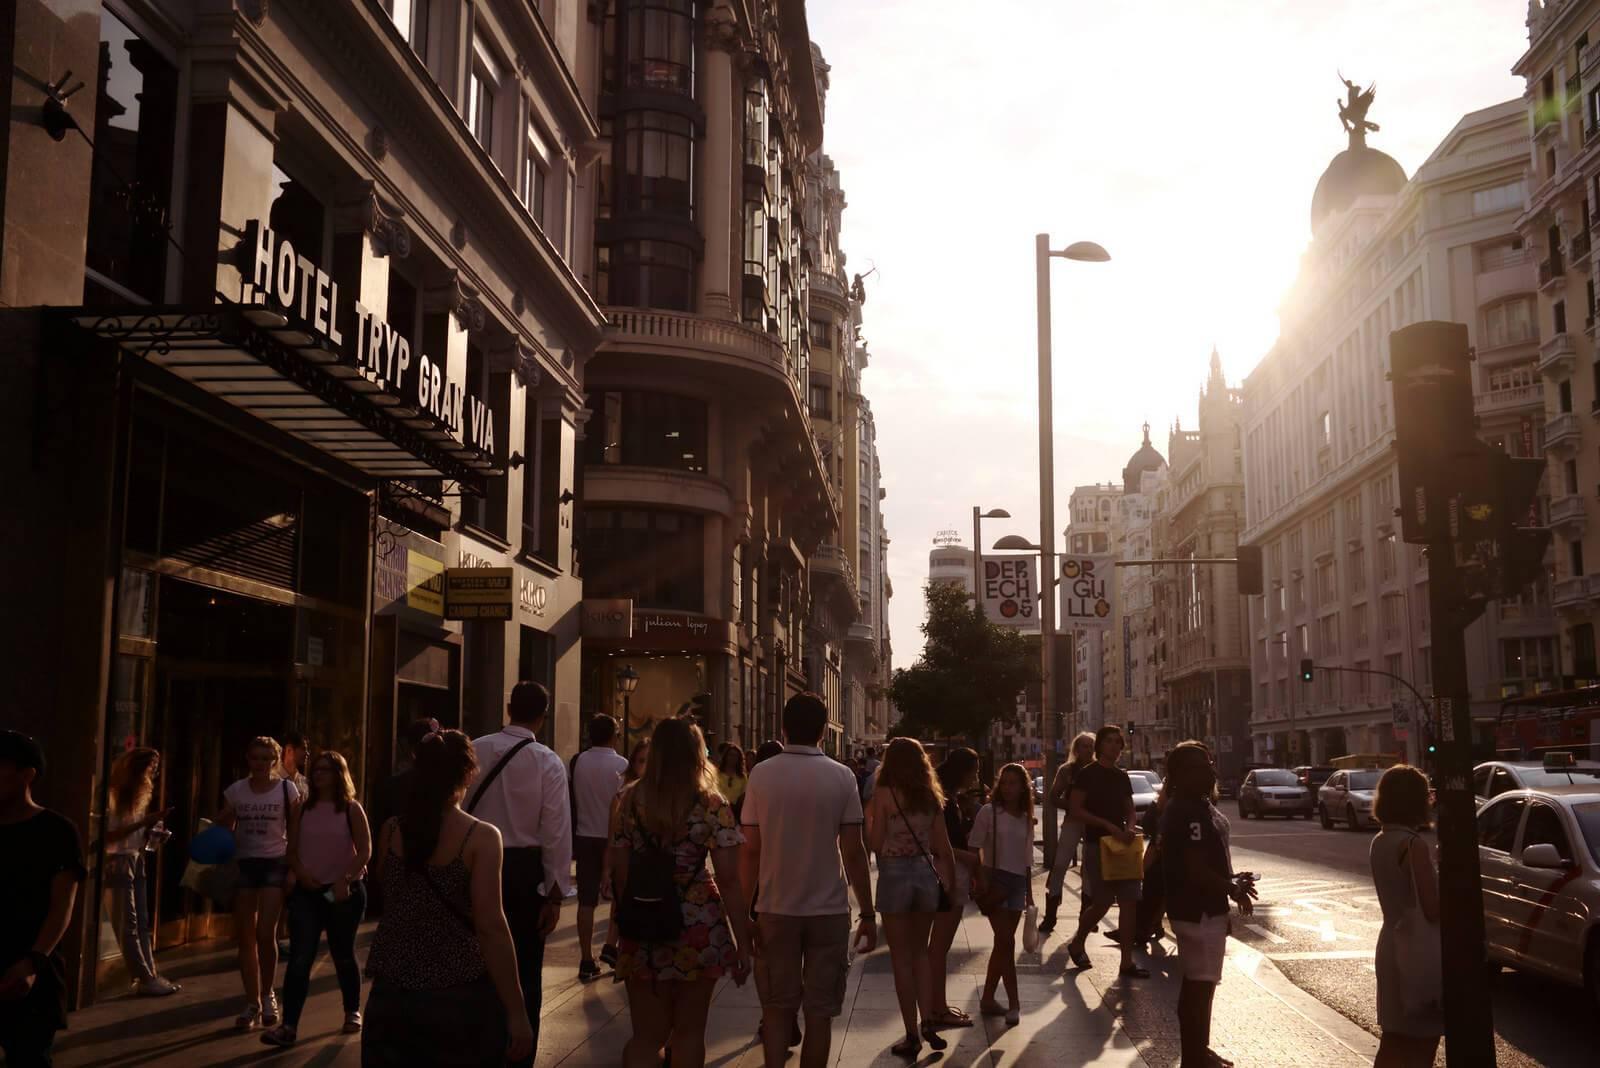 Жизнь в испании – плюсы и минусы, цены, налоги, работа и зарплата